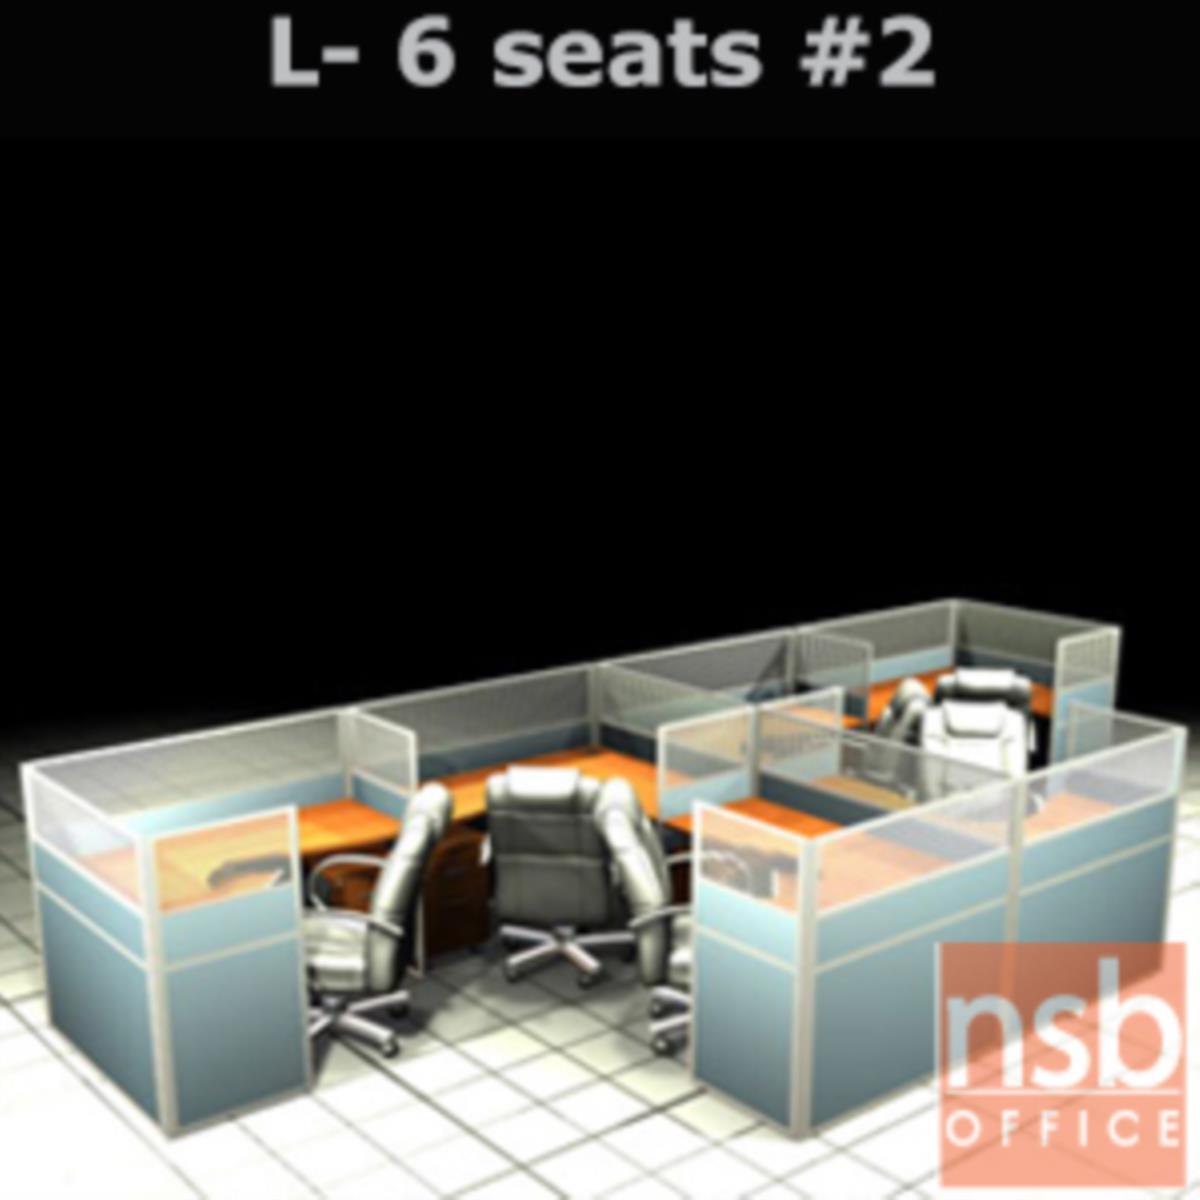 A04A118:ชุดโต๊ะทำงานกลุ่มตัวแอล 6 ที่นั่ง   ขนาด 610W*276D cm. พร้อมพาร์ทิชั่นครึ่งกระจกขัดลาย